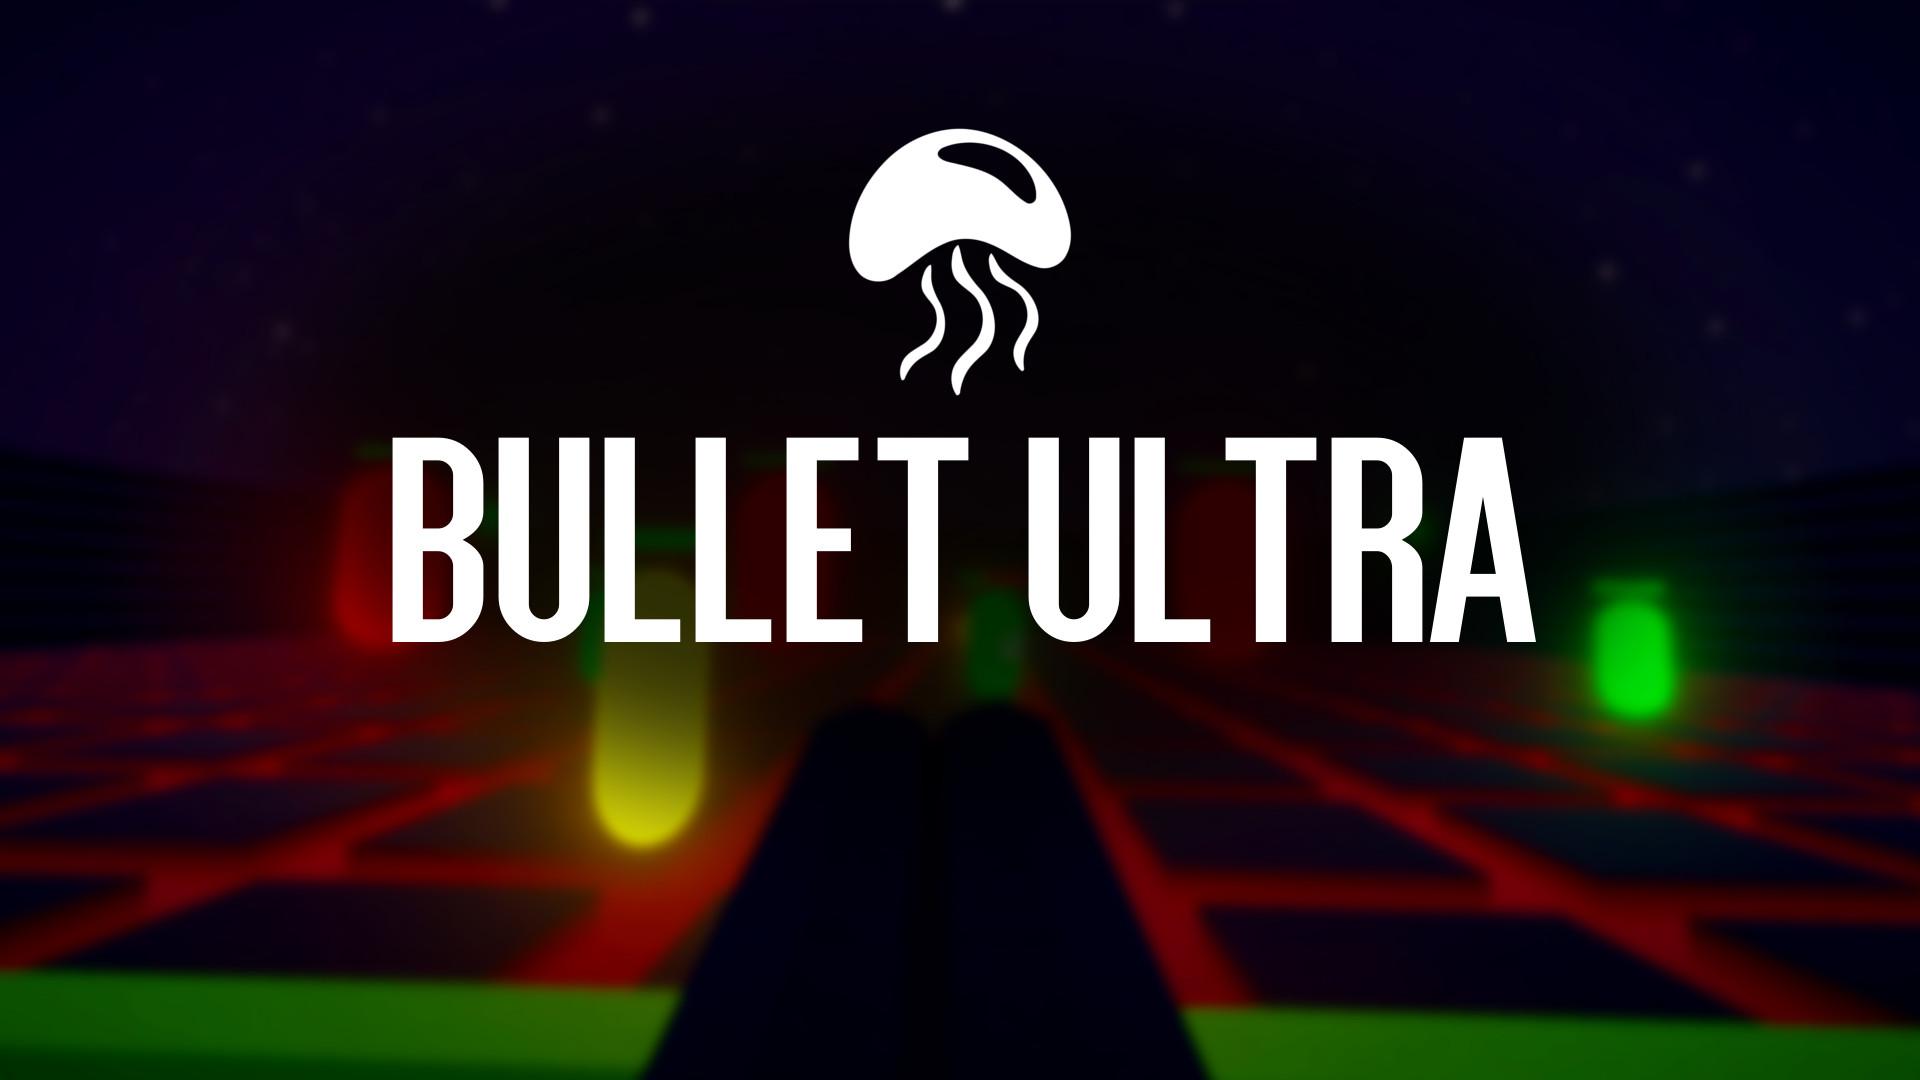 Bullet Ultra